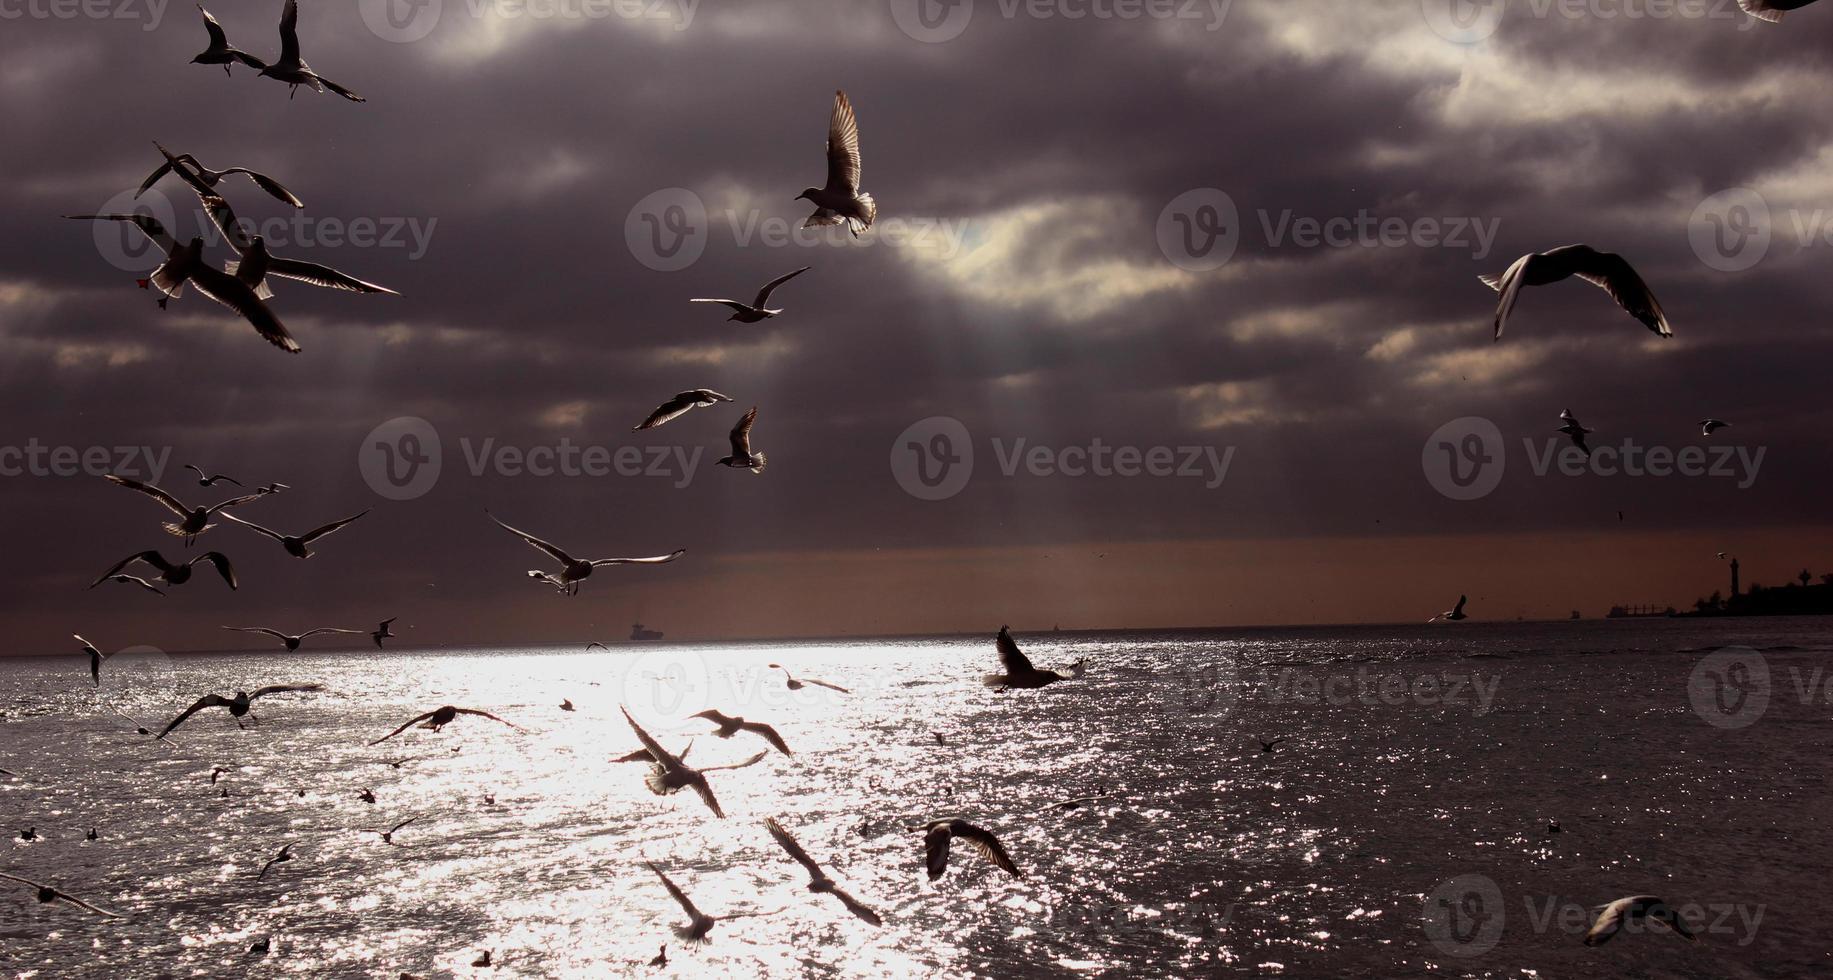 Vögel tanzen foto